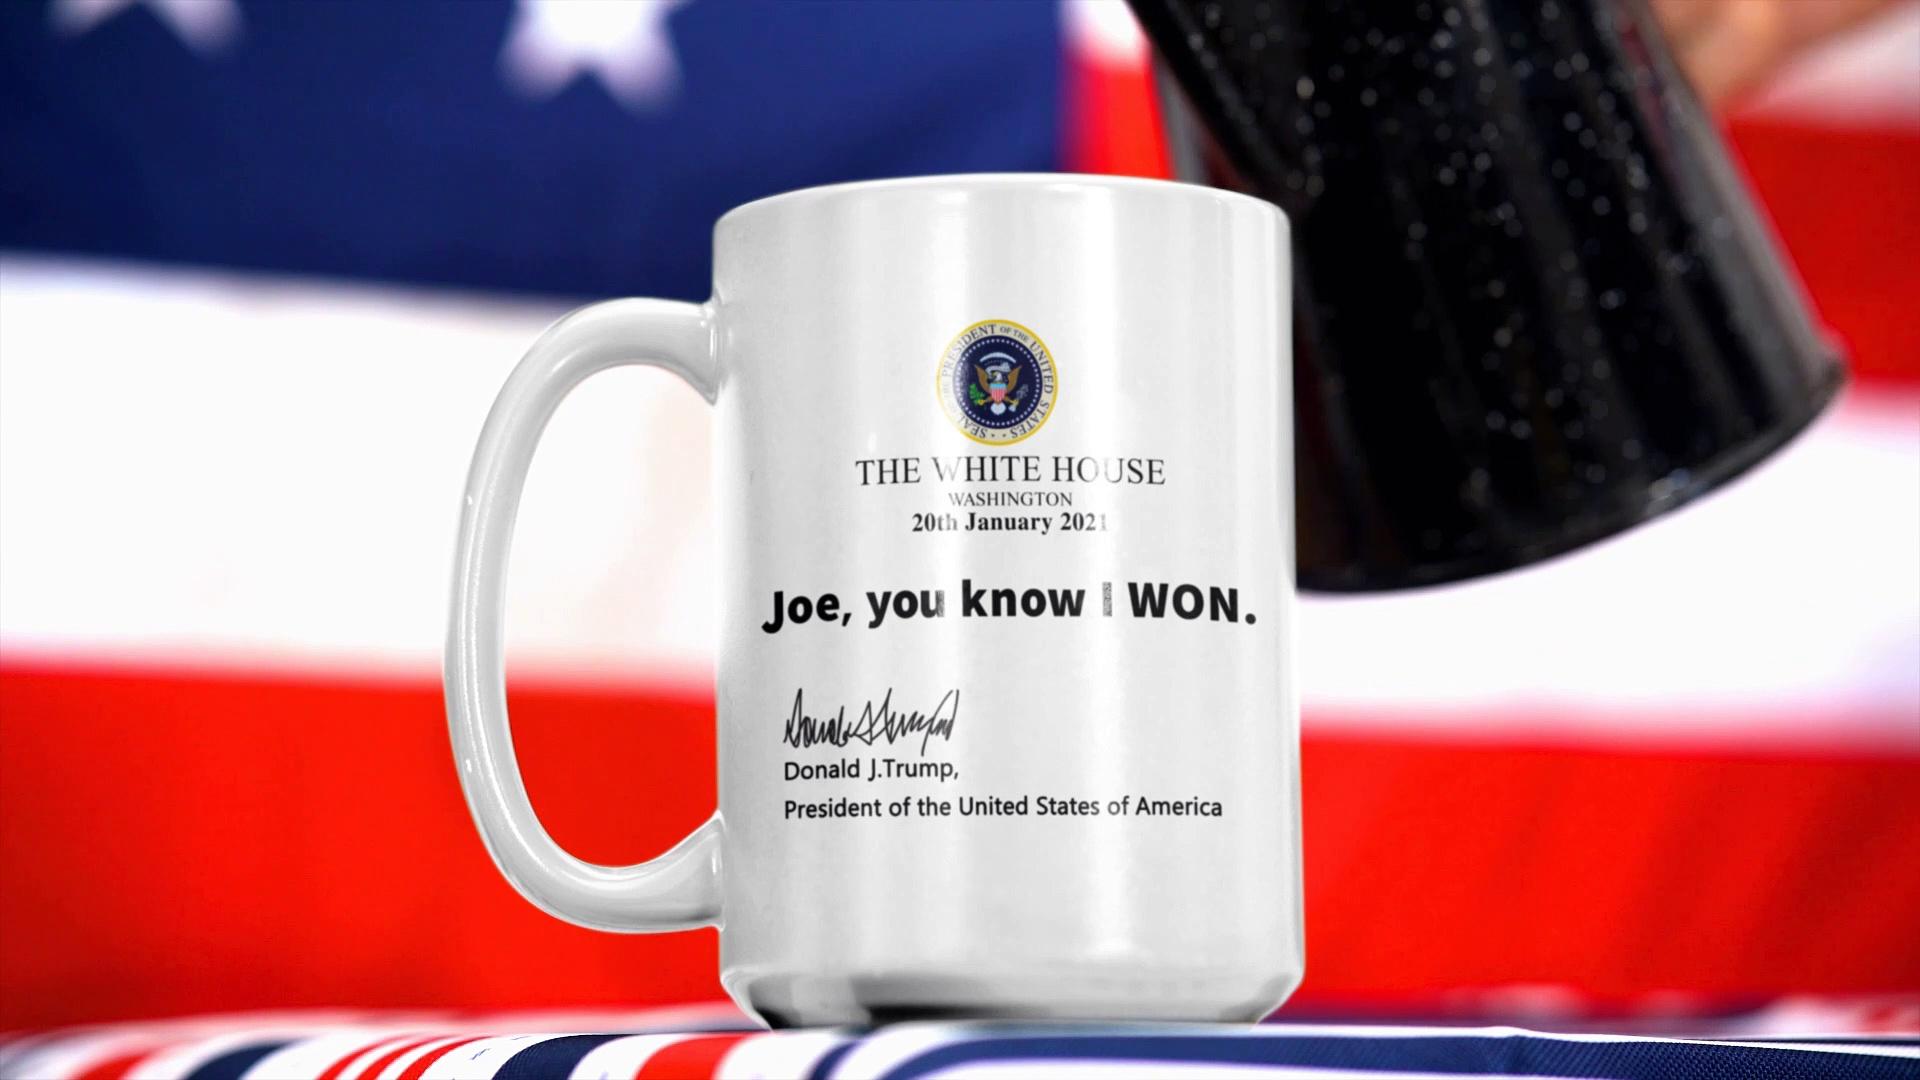 Trump The White House Joe You Know I Won Coffee Mug